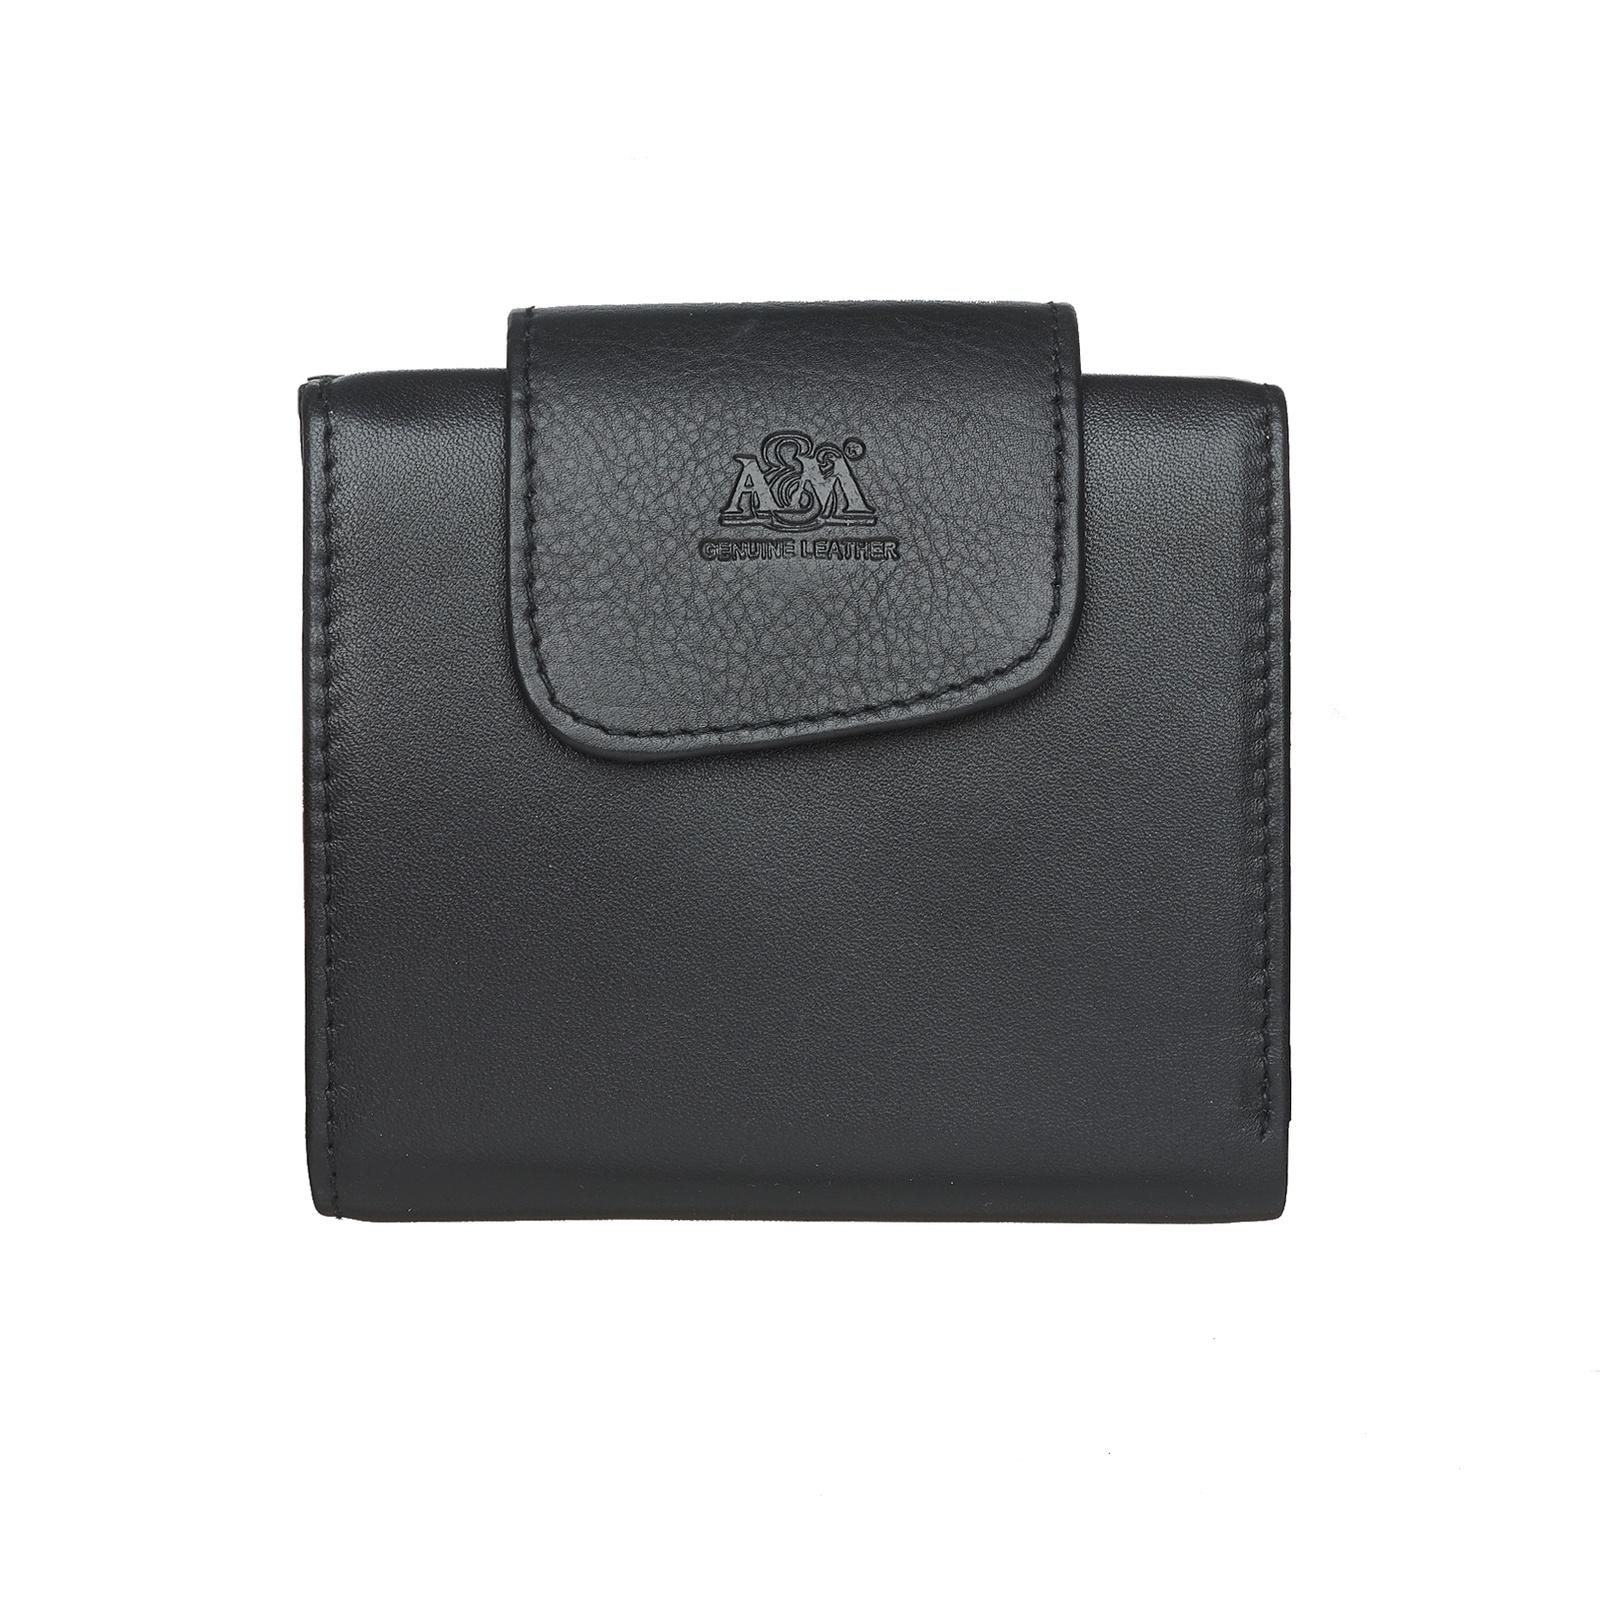 Портмоне A&M женское, 2651Black, черный, черный